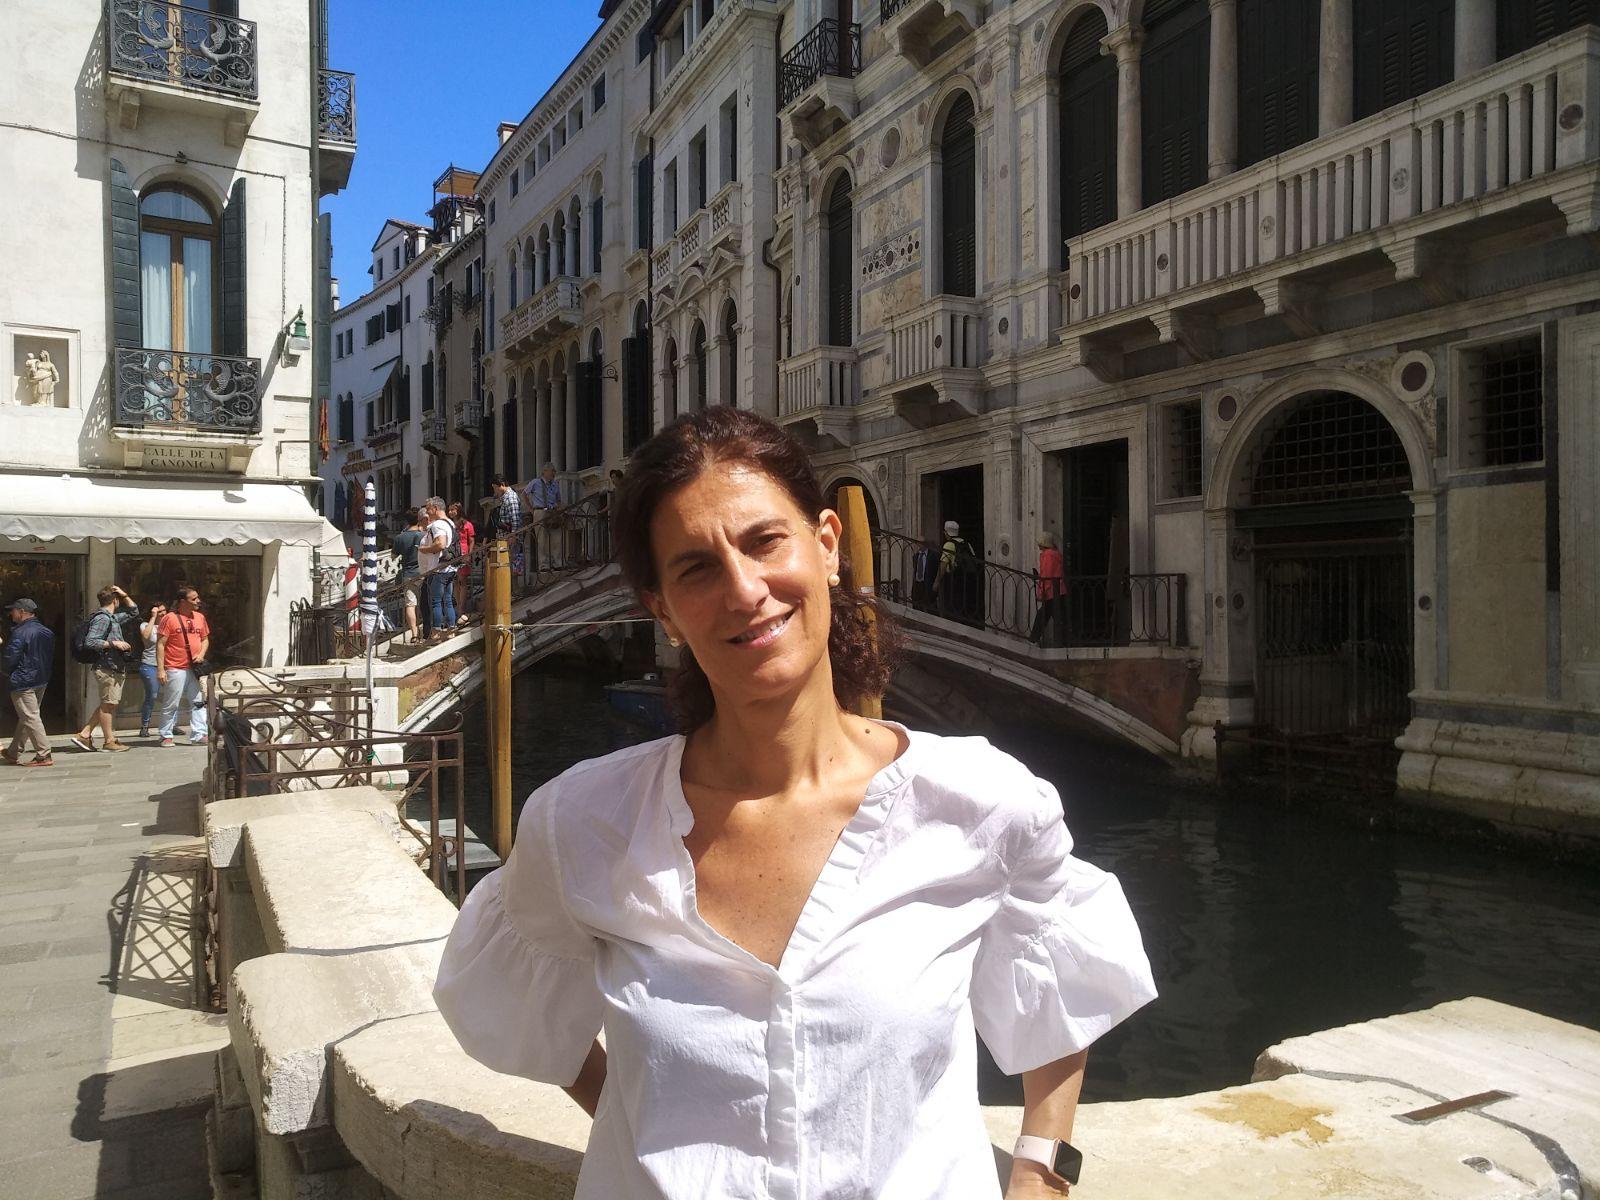 Galia in Venice